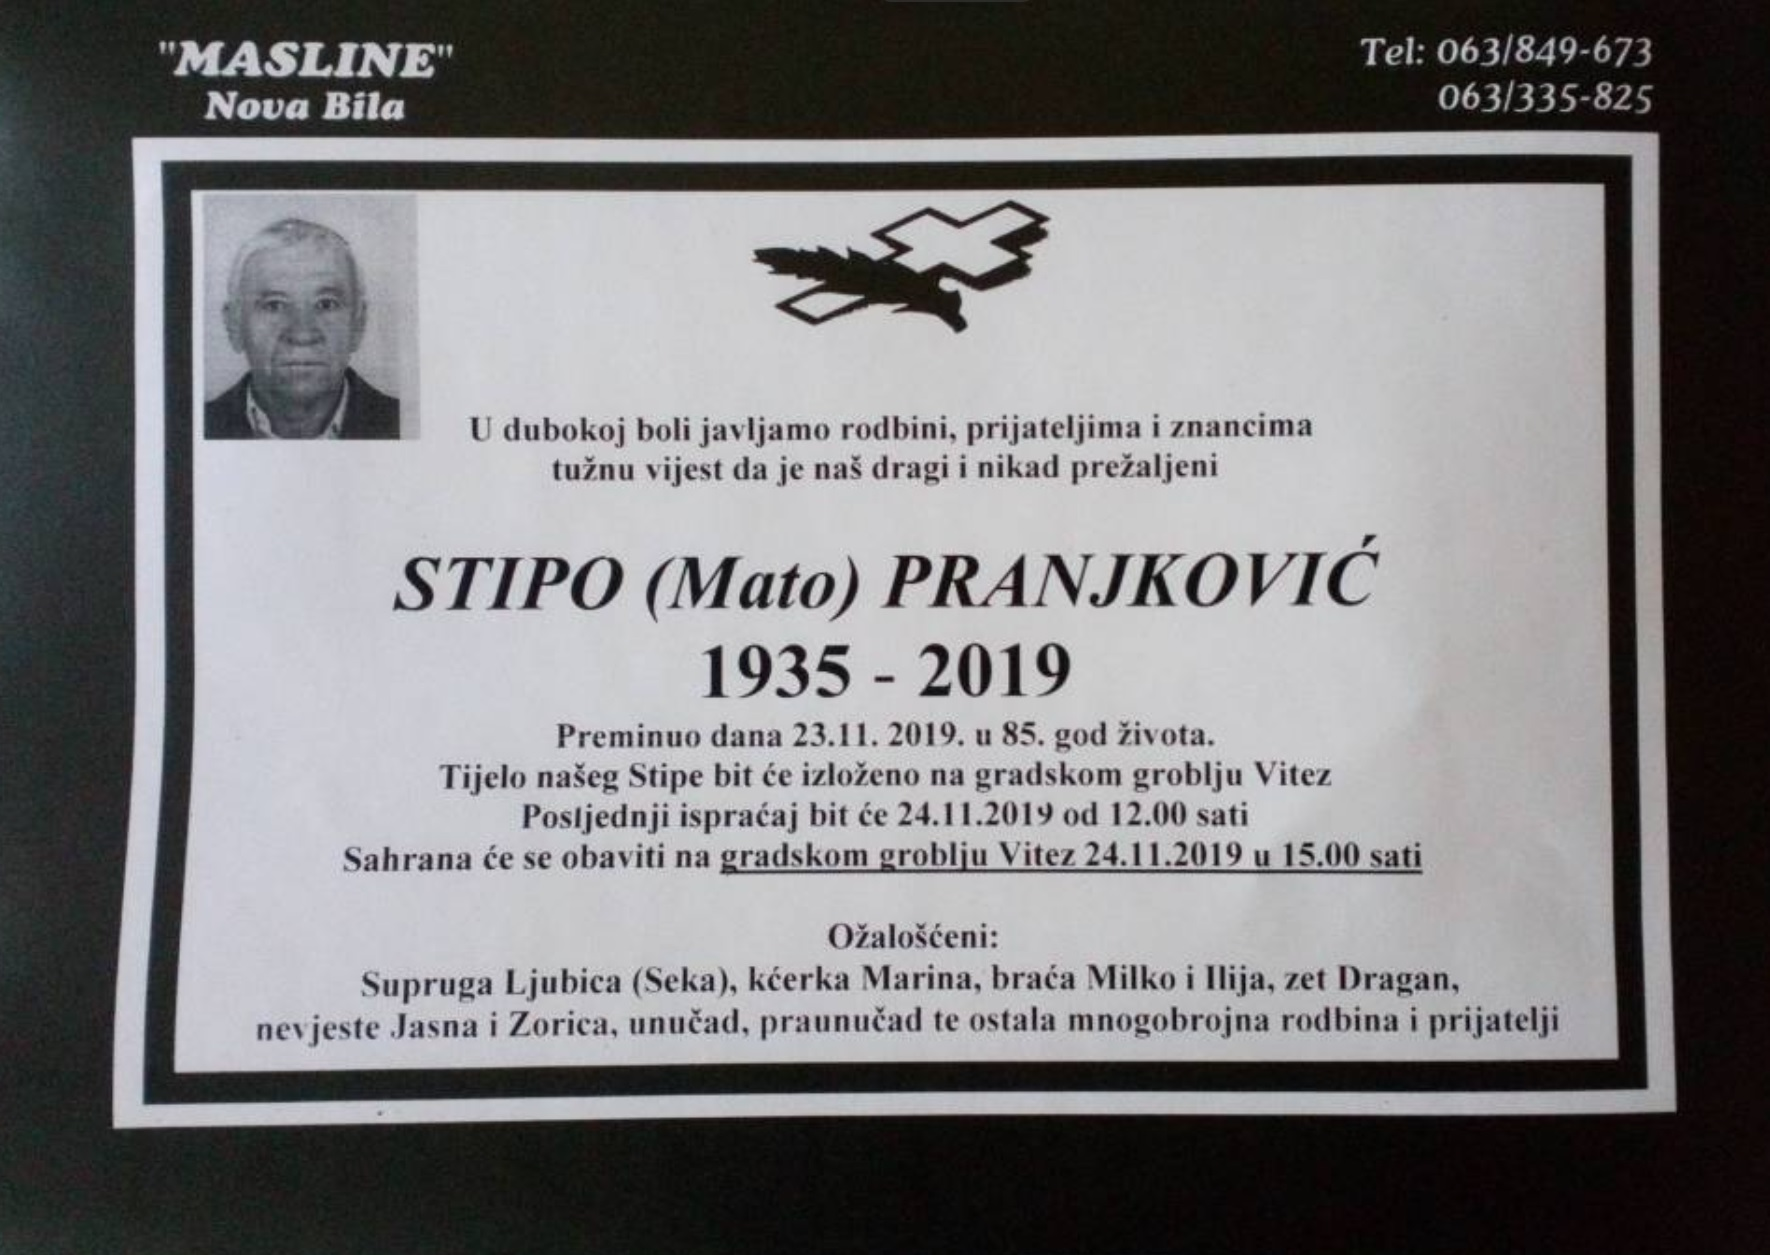 Stipo (Mato) Pranjković